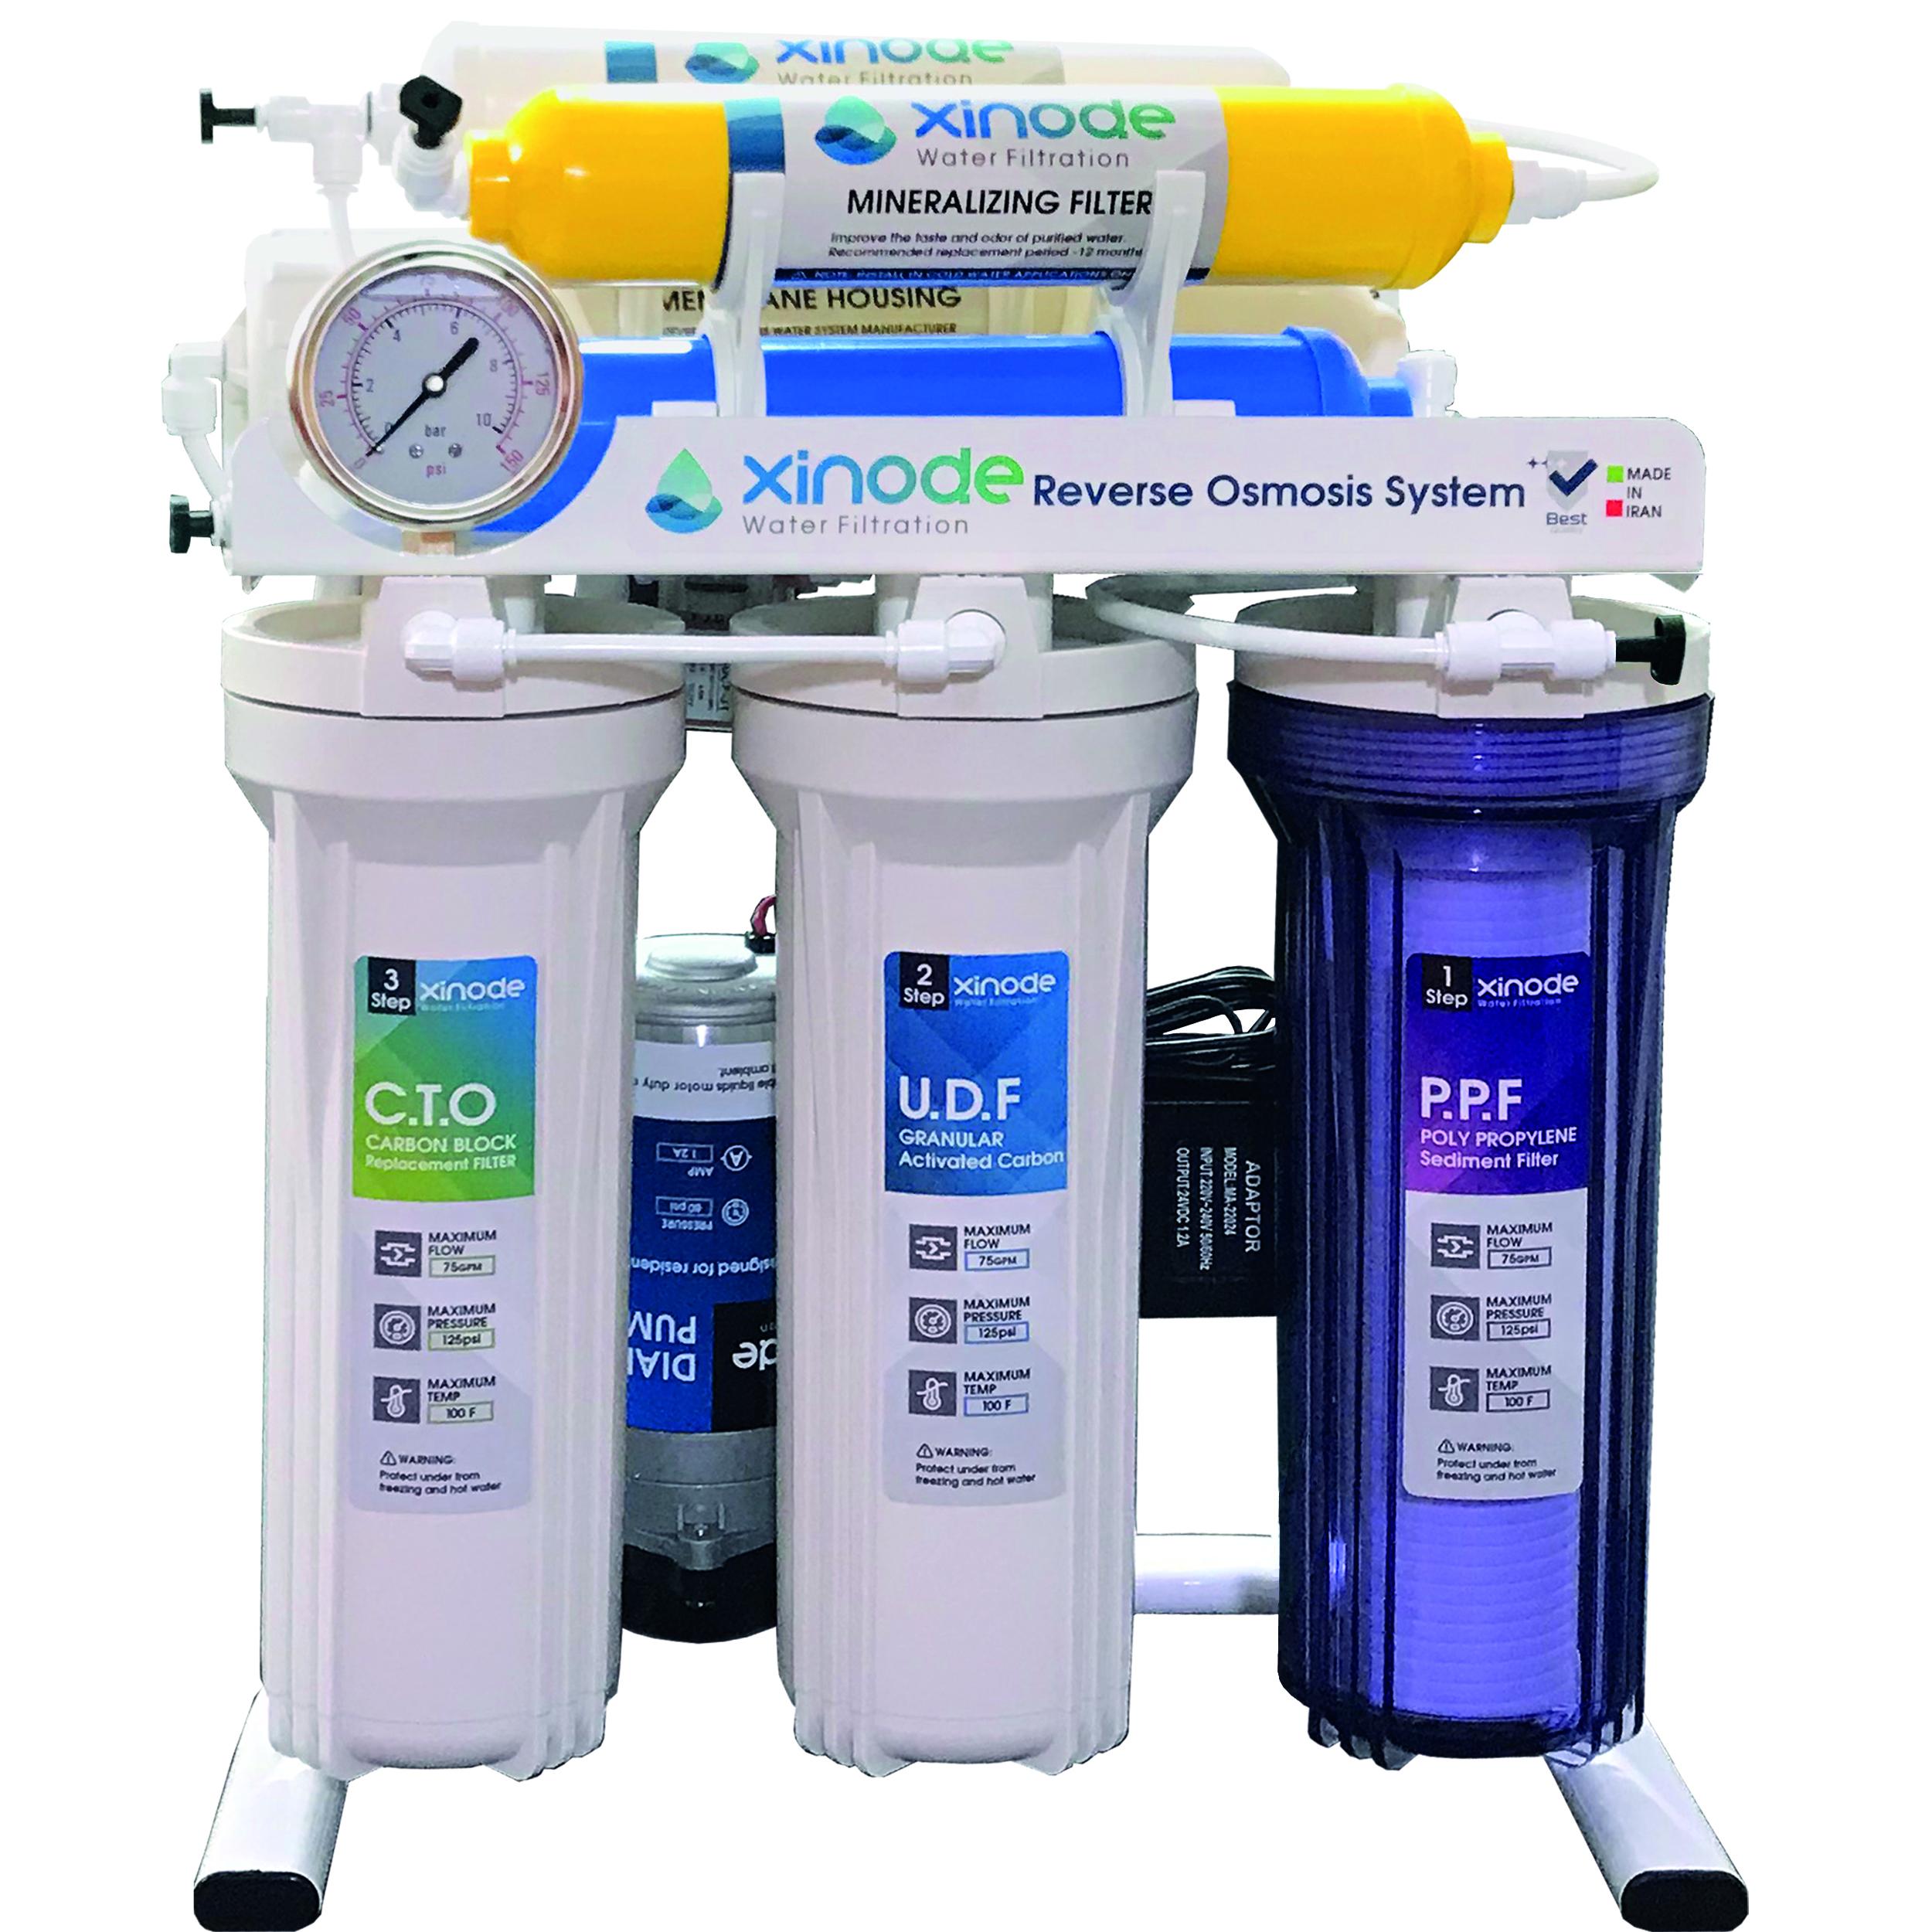 دستگاه تصفیه کننده آب زینود مدل AXS-210HB